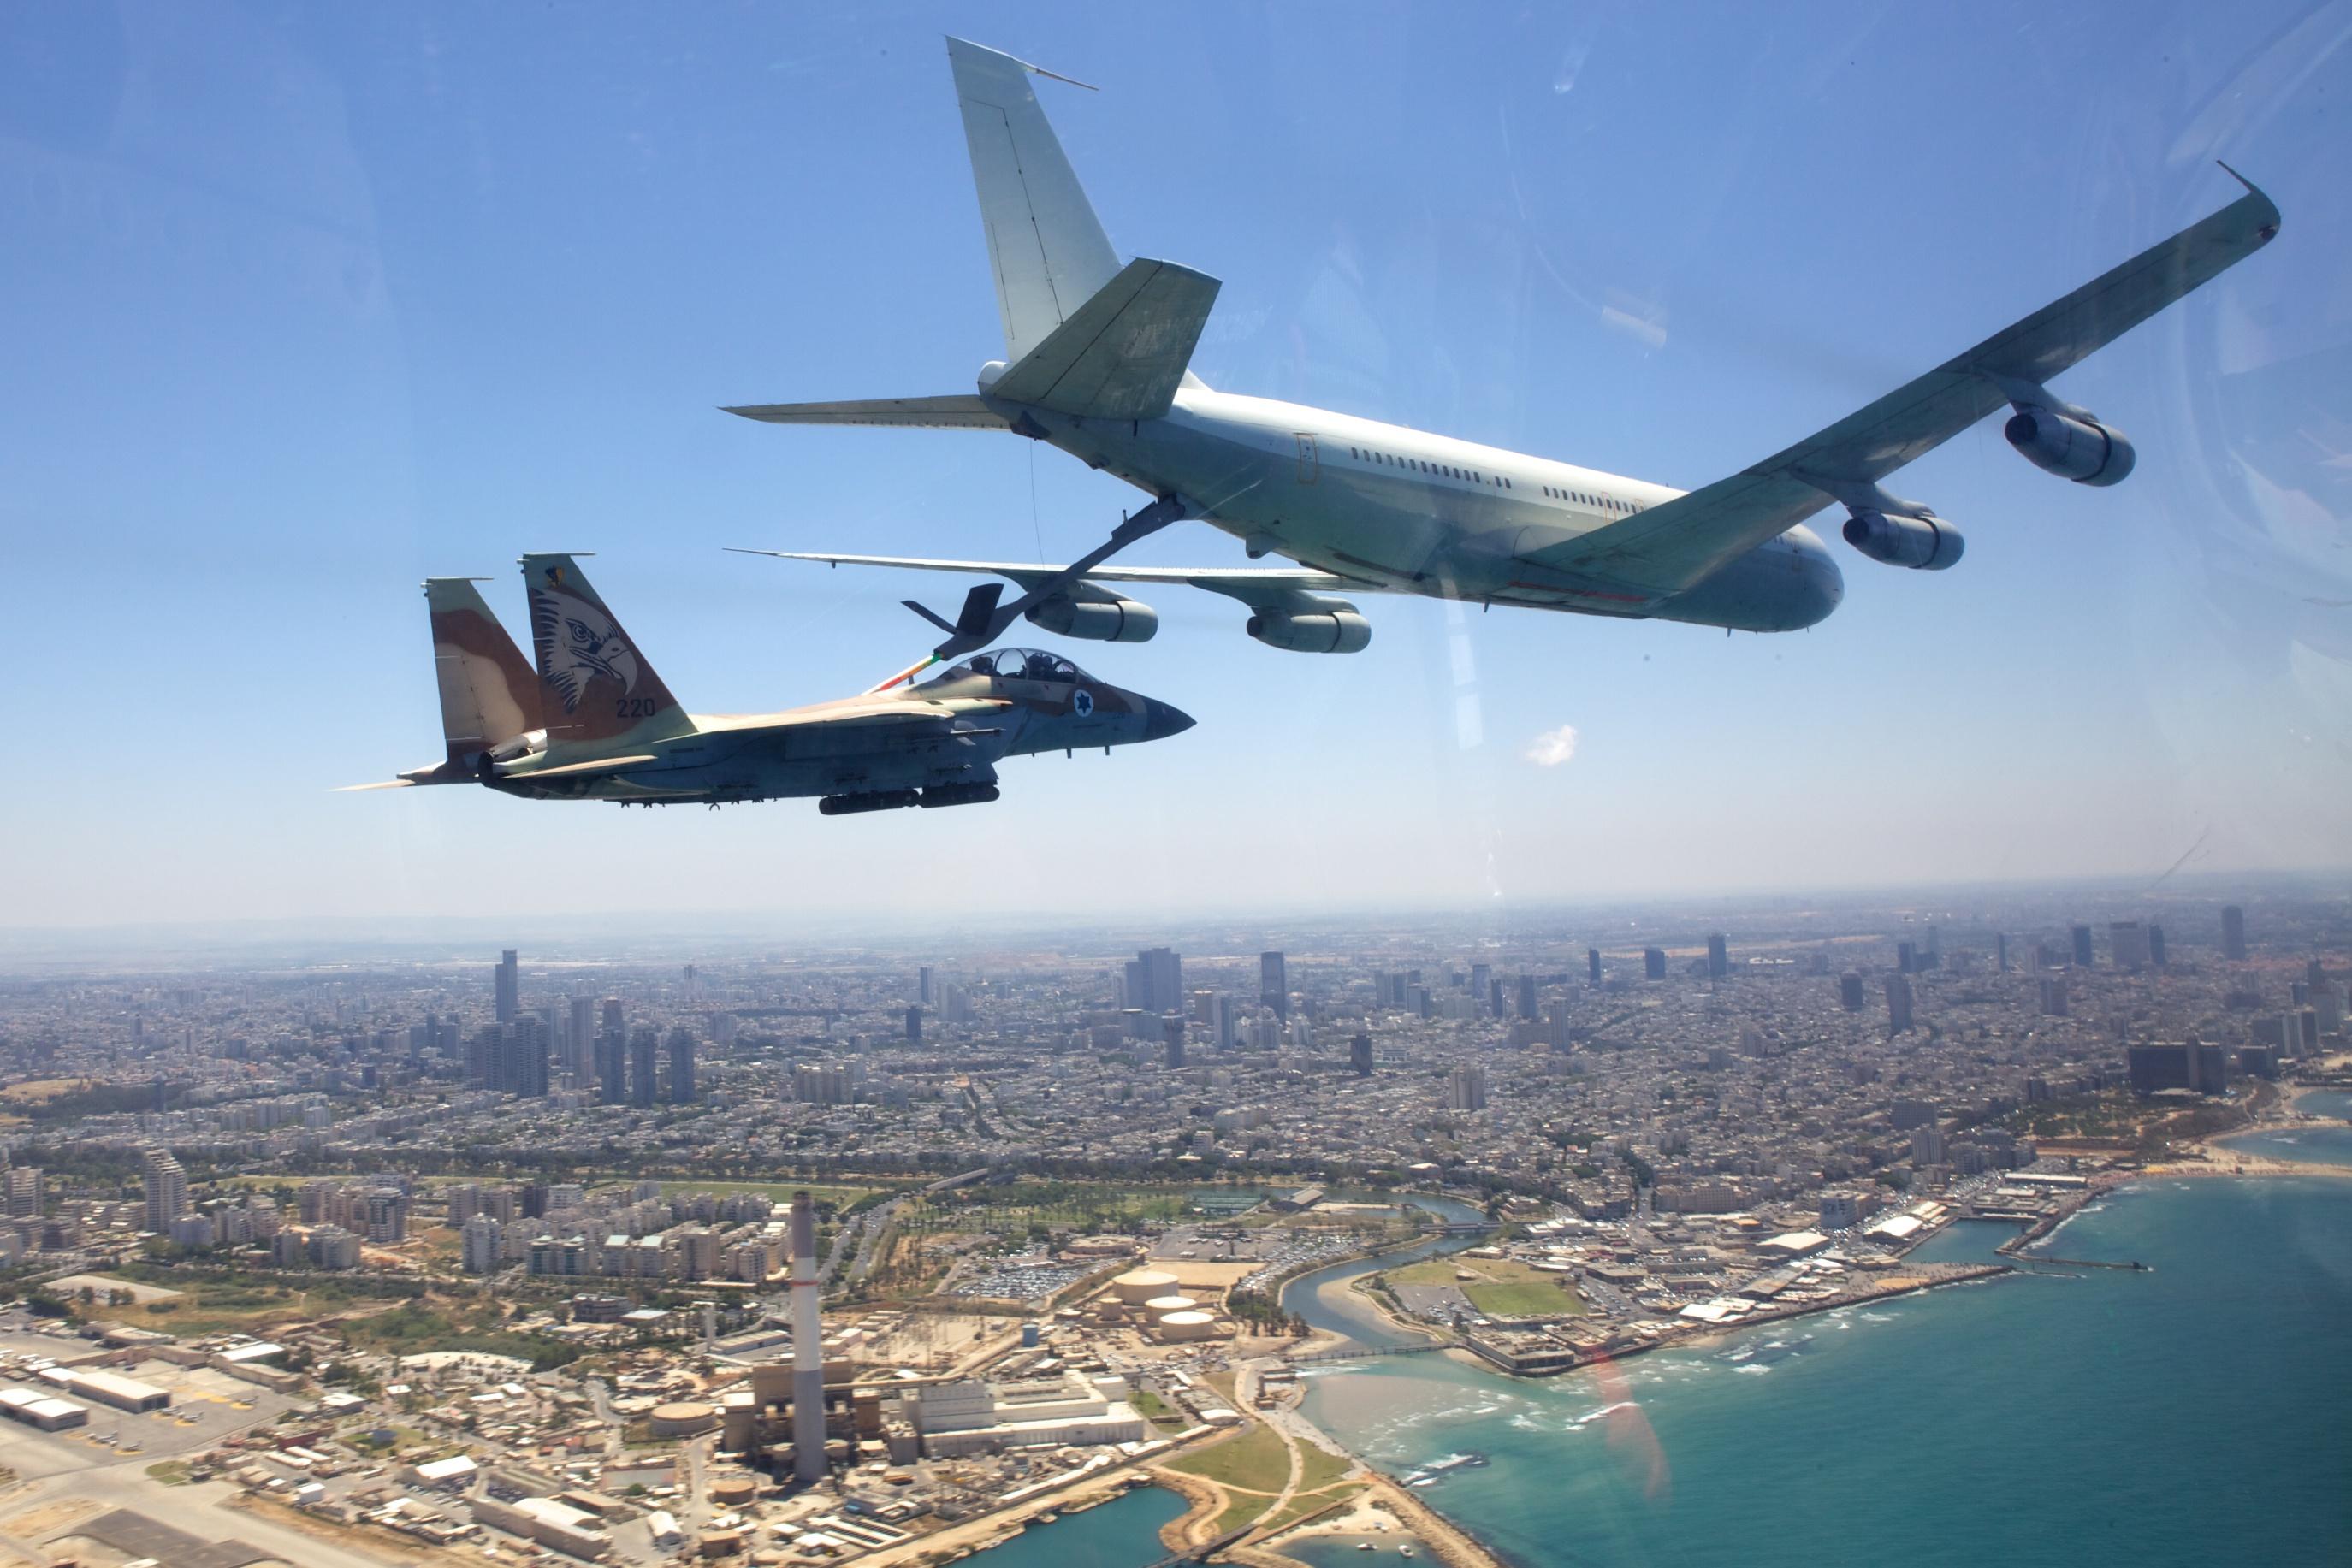 מפגן חיל האוויר ביום העצמאות 2011